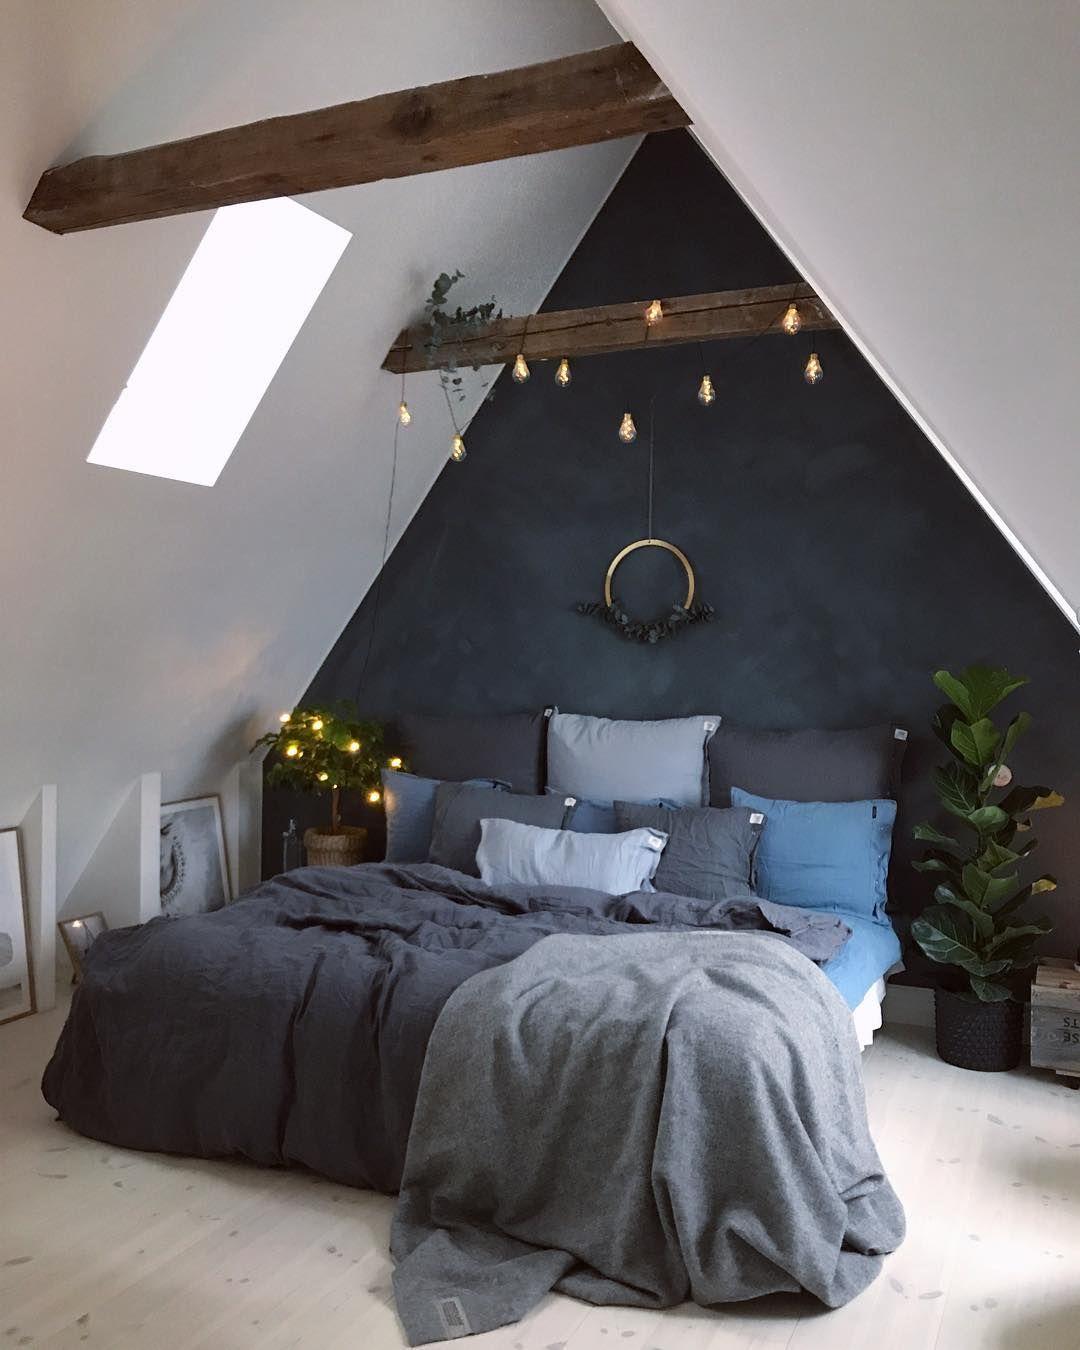 Attic bedroom designs - 5